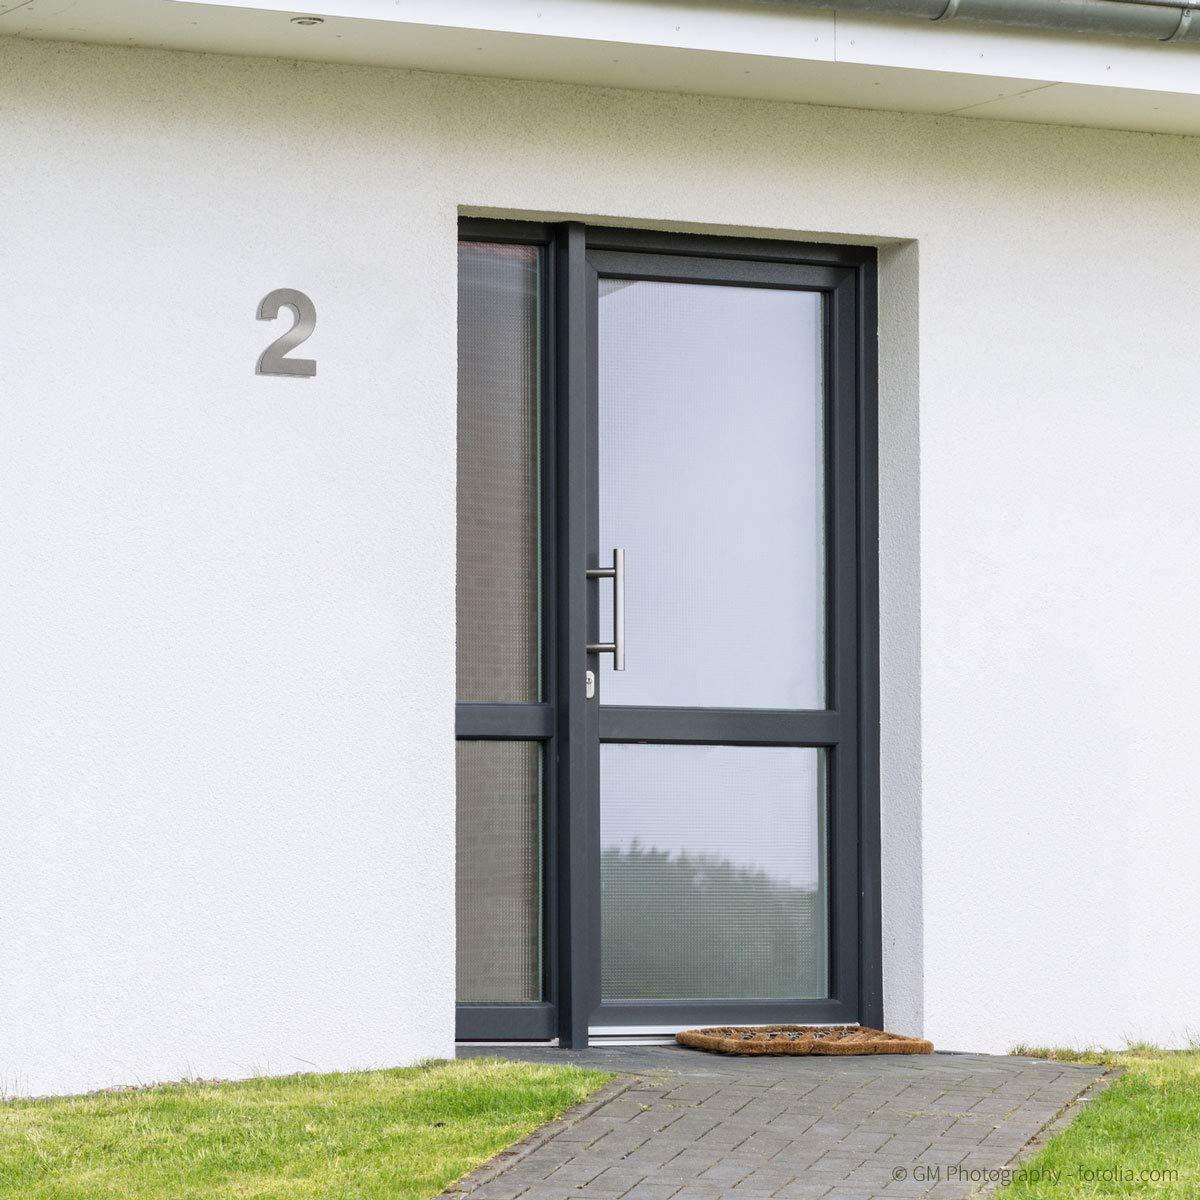 inkl 30cm Thorwa/® Design Edelstahl Hausnummer fein geb/ürstet 5 Montagematerial//H: 300mm // Farbe: silber